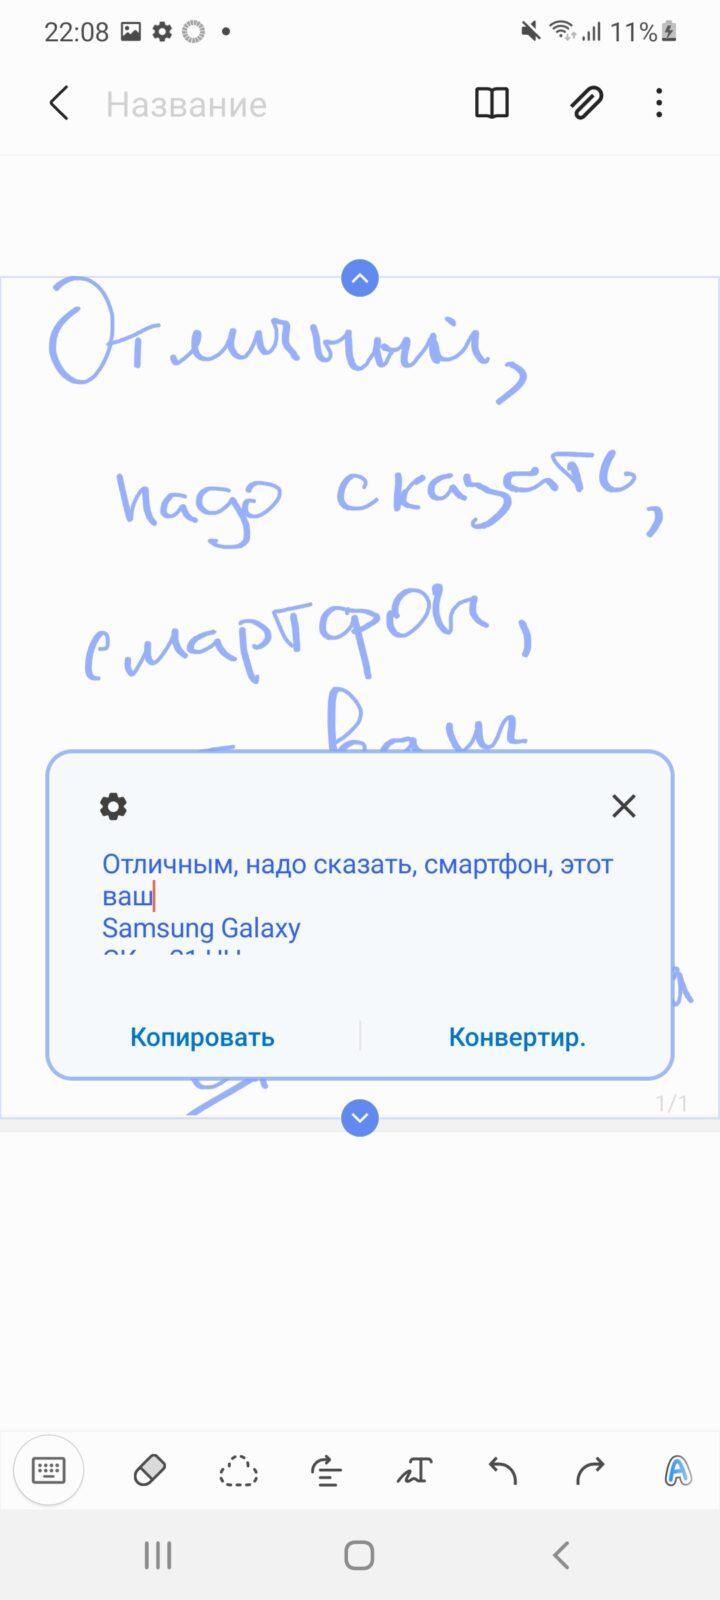 Обзор Samsung Galaxy S21 Ultra: лучший из лучших (screenshot 20210224 220846 samsung notes)